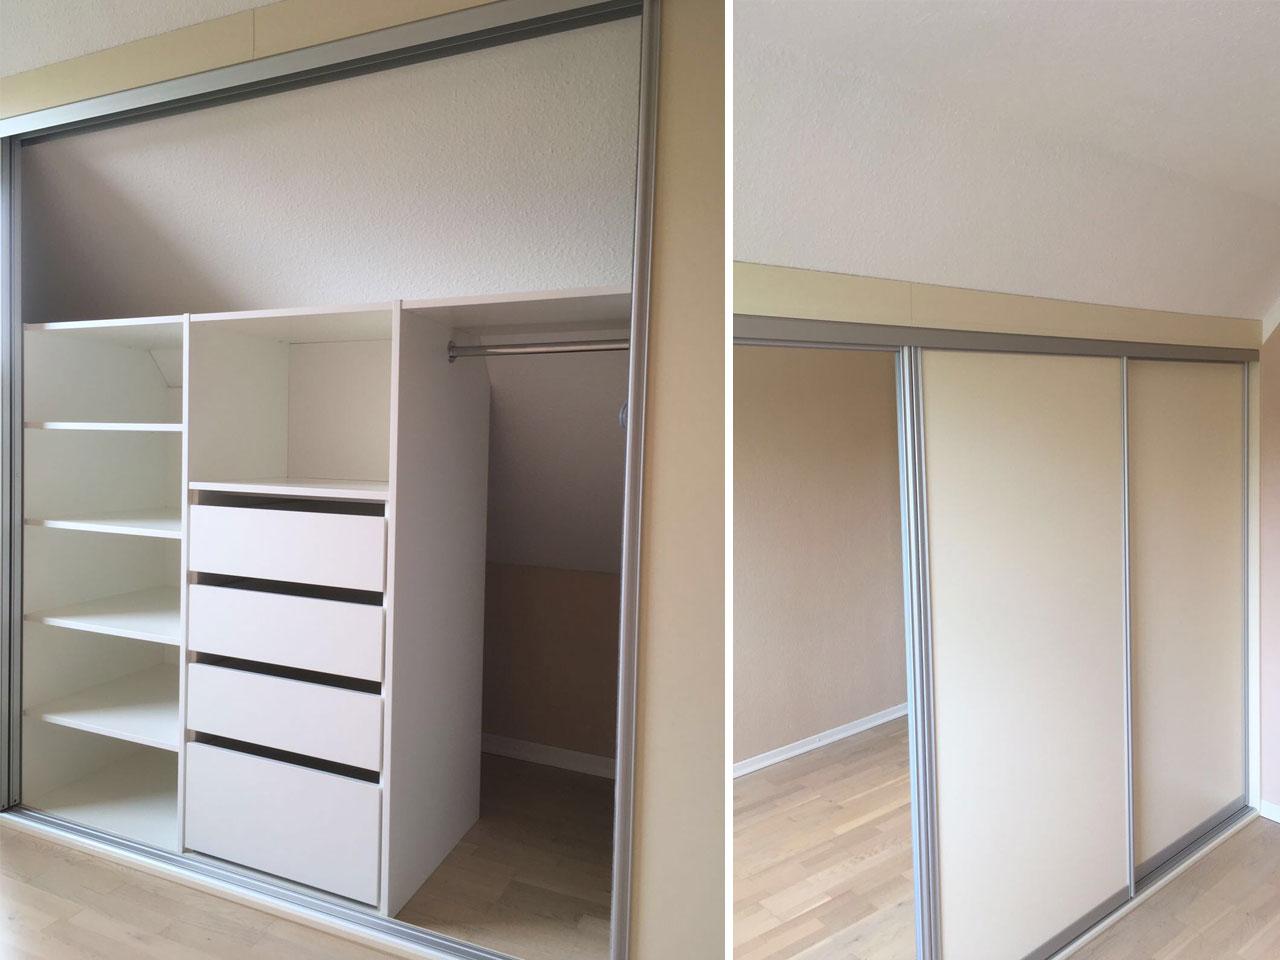 schrank unter dachschr ge smartstore. Black Bedroom Furniture Sets. Home Design Ideas